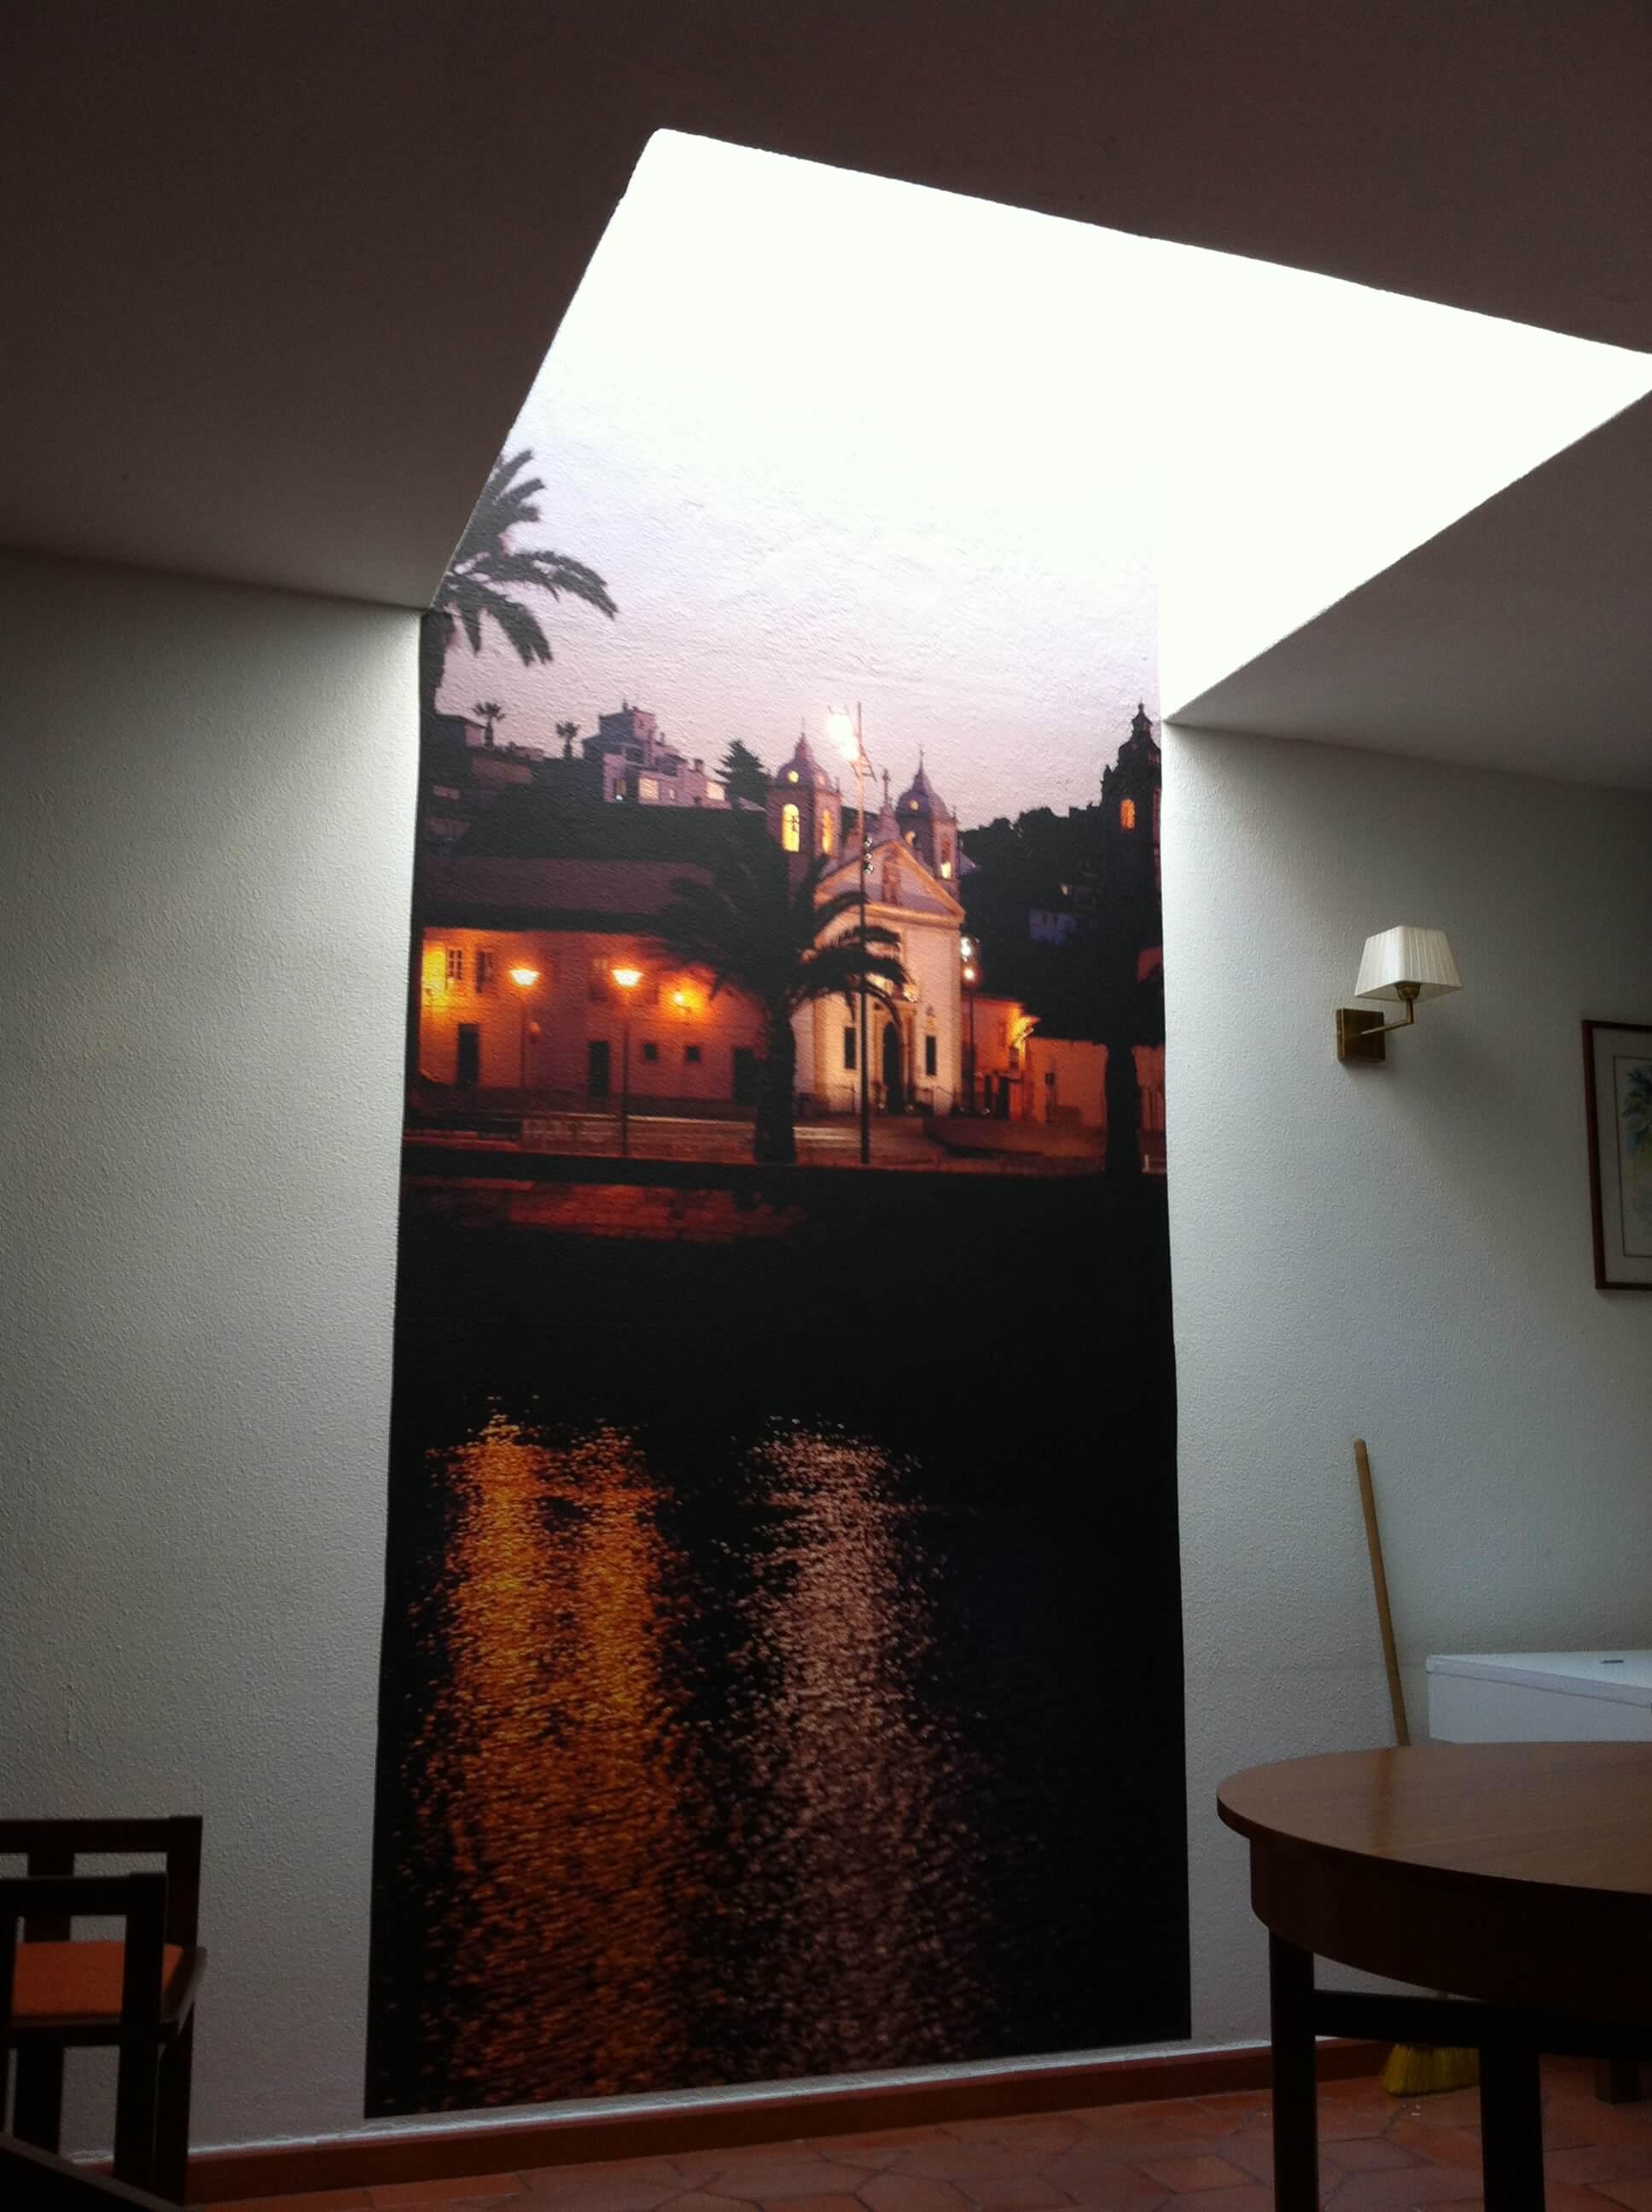 Papel De Parede   Wallpaper   Decoração De Interiores   Interior Decor